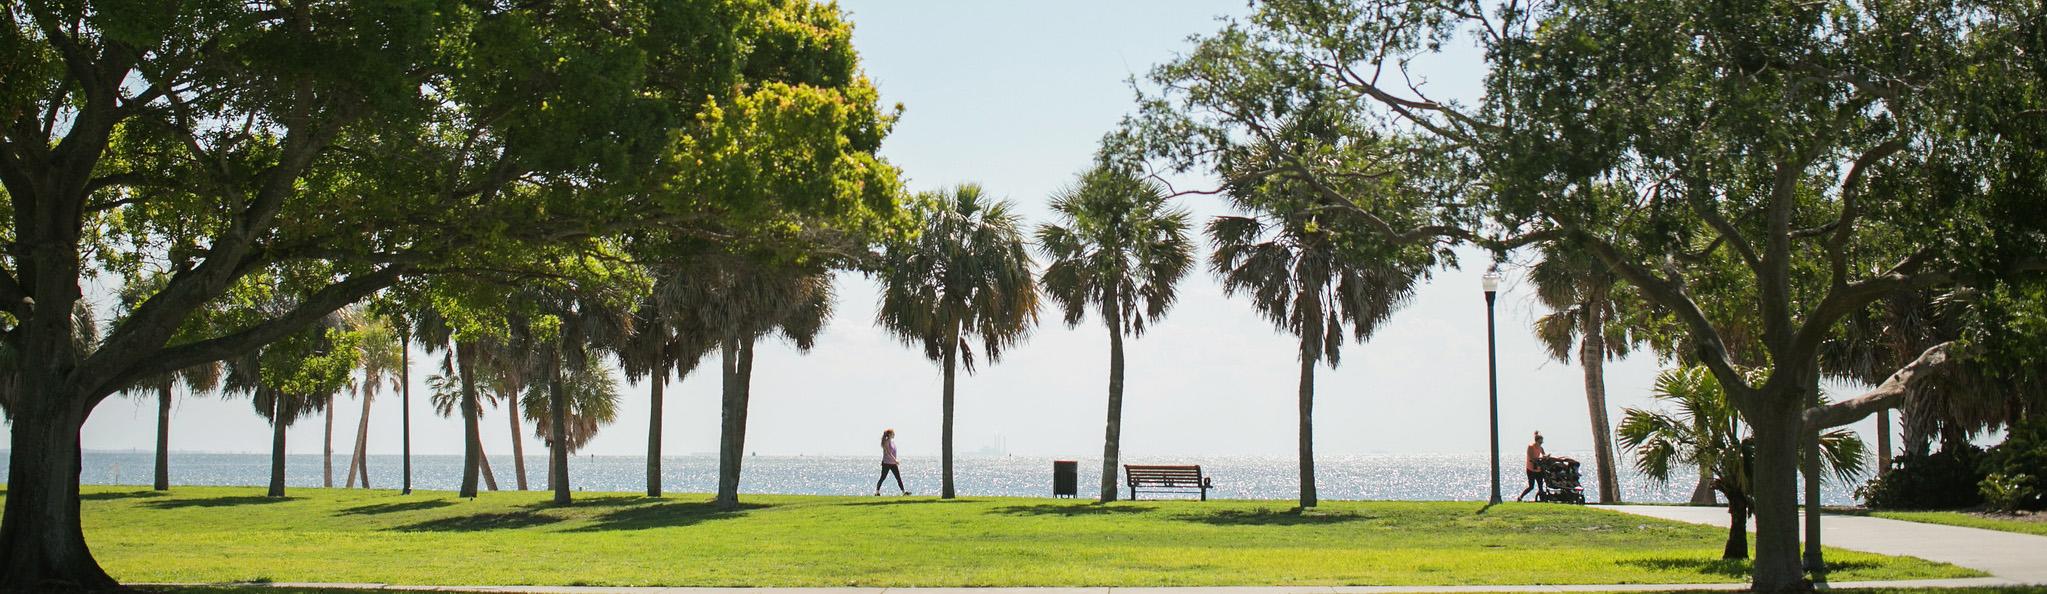 trees and bay at north straub park